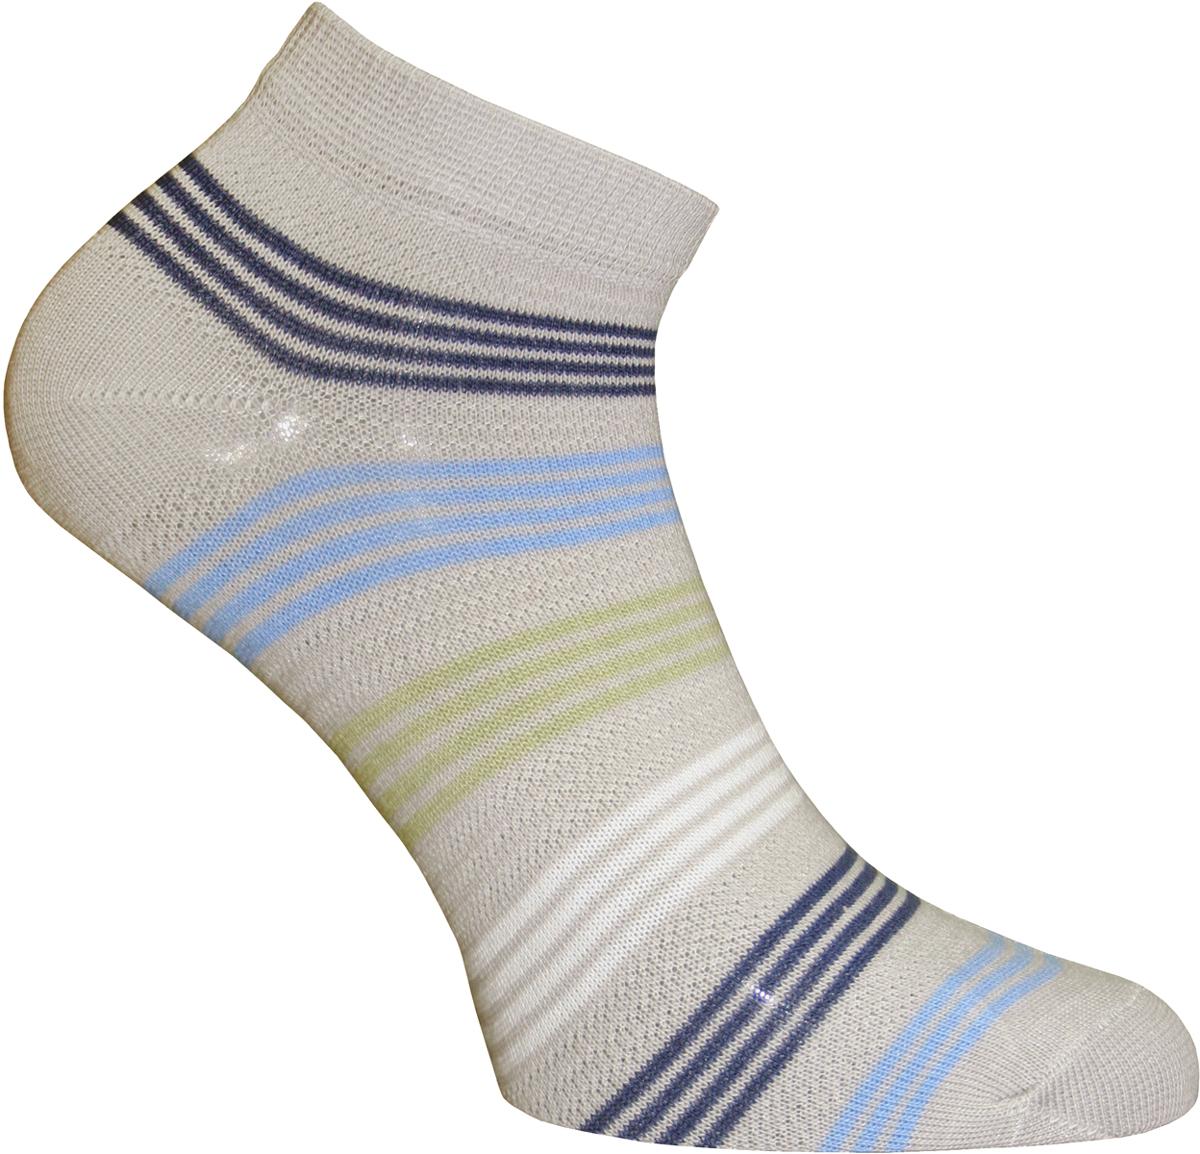 Носки женские Master Socks, цвет: светло-серый. 55151. Размер 2355151Удобные носки Master Socks, изготовленные из высококачественного комбинированного материала с хлопковой основой, очень мягкие и приятные на ощупь, позволяют коже дышать.Эластичная резинка плотно облегает ногу, не сдавливая ее, обеспечивая комфорт и удобство. Носки с укороченным паголенком оформлены принтом в полоску. Практичные и комфортные носки великолепно подойдут к любой вашей обуви.